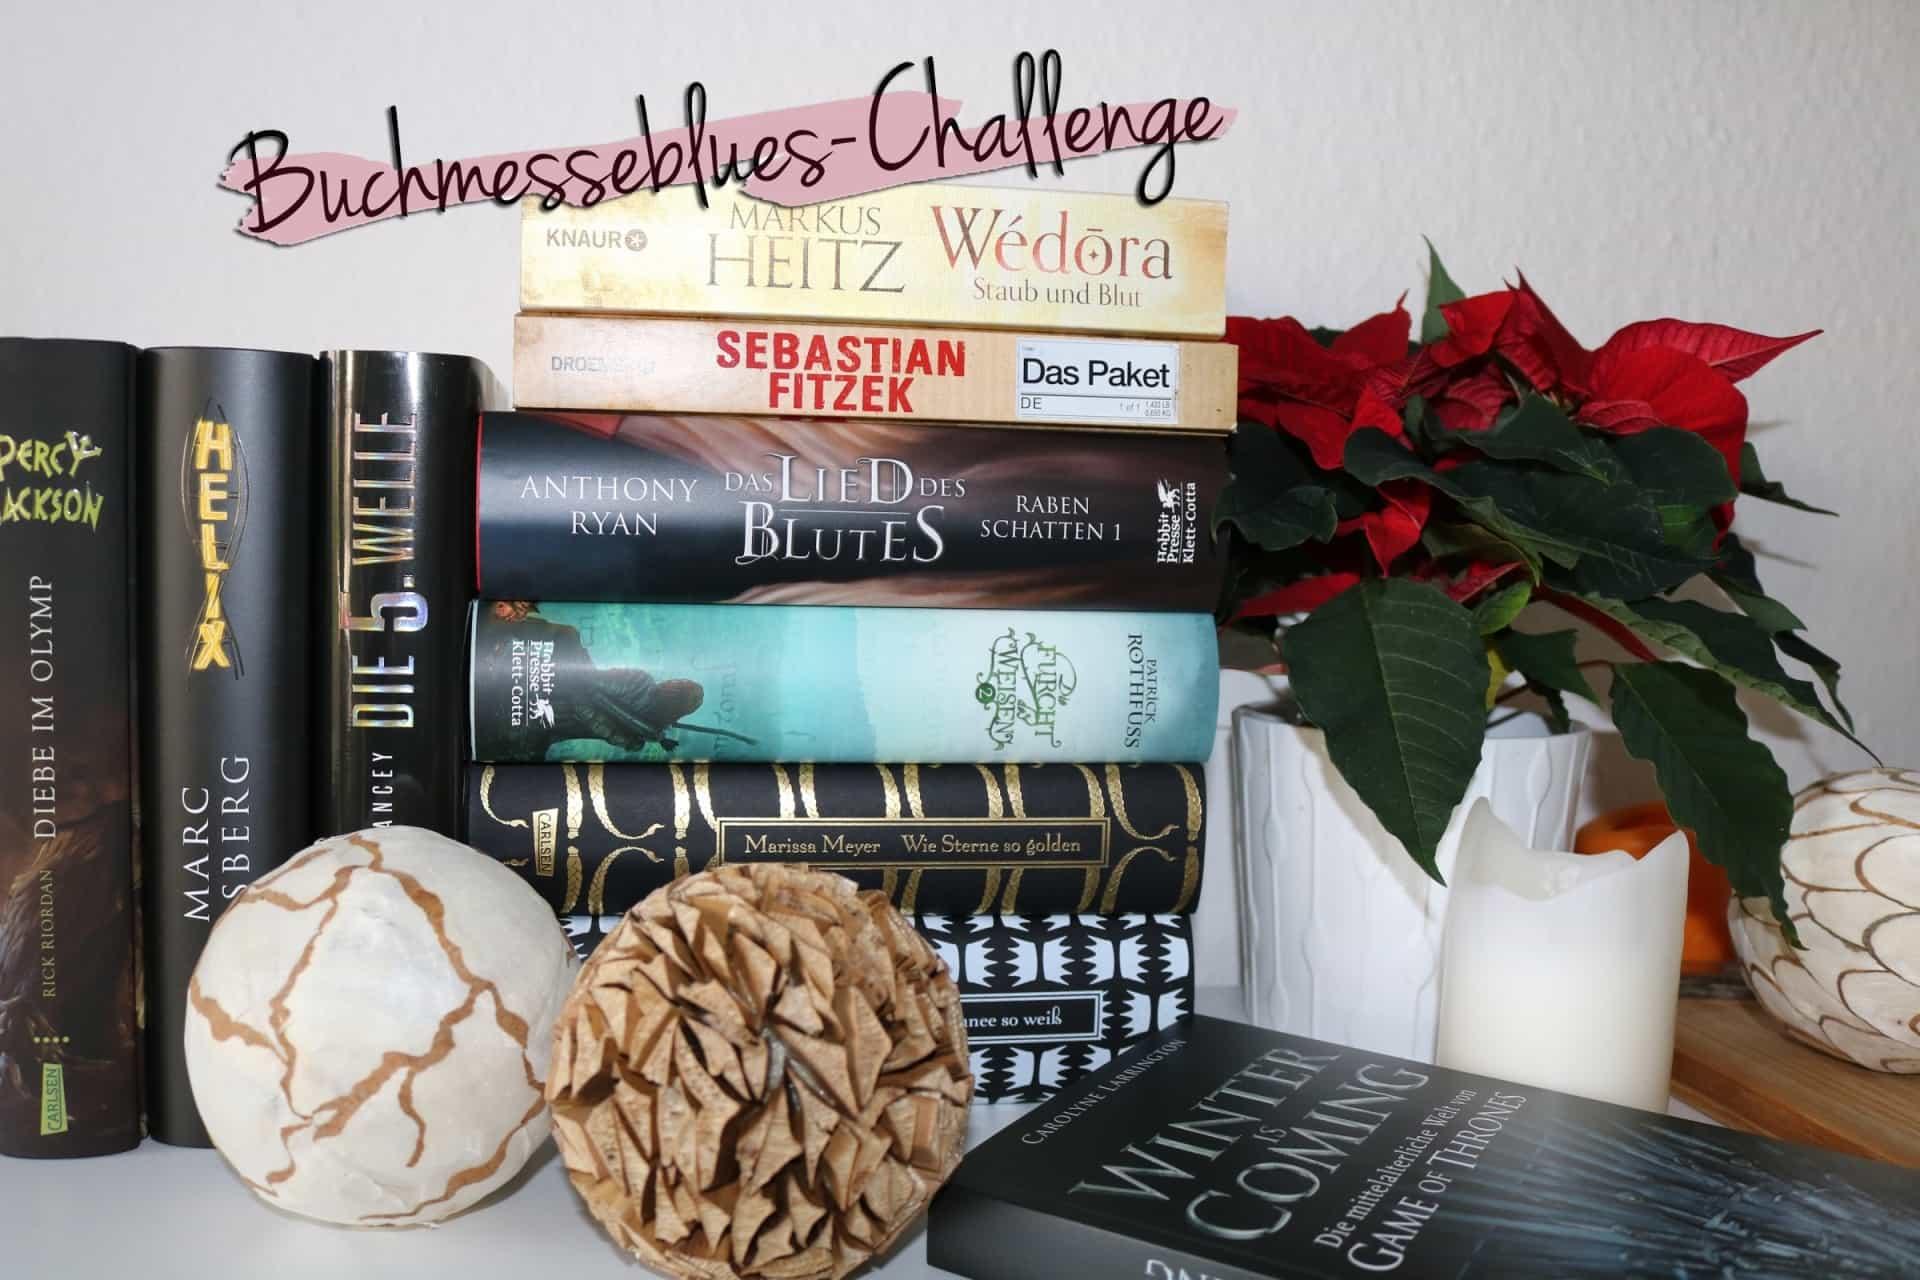 Meine Bücher für die Buchmesseblues-Challenge